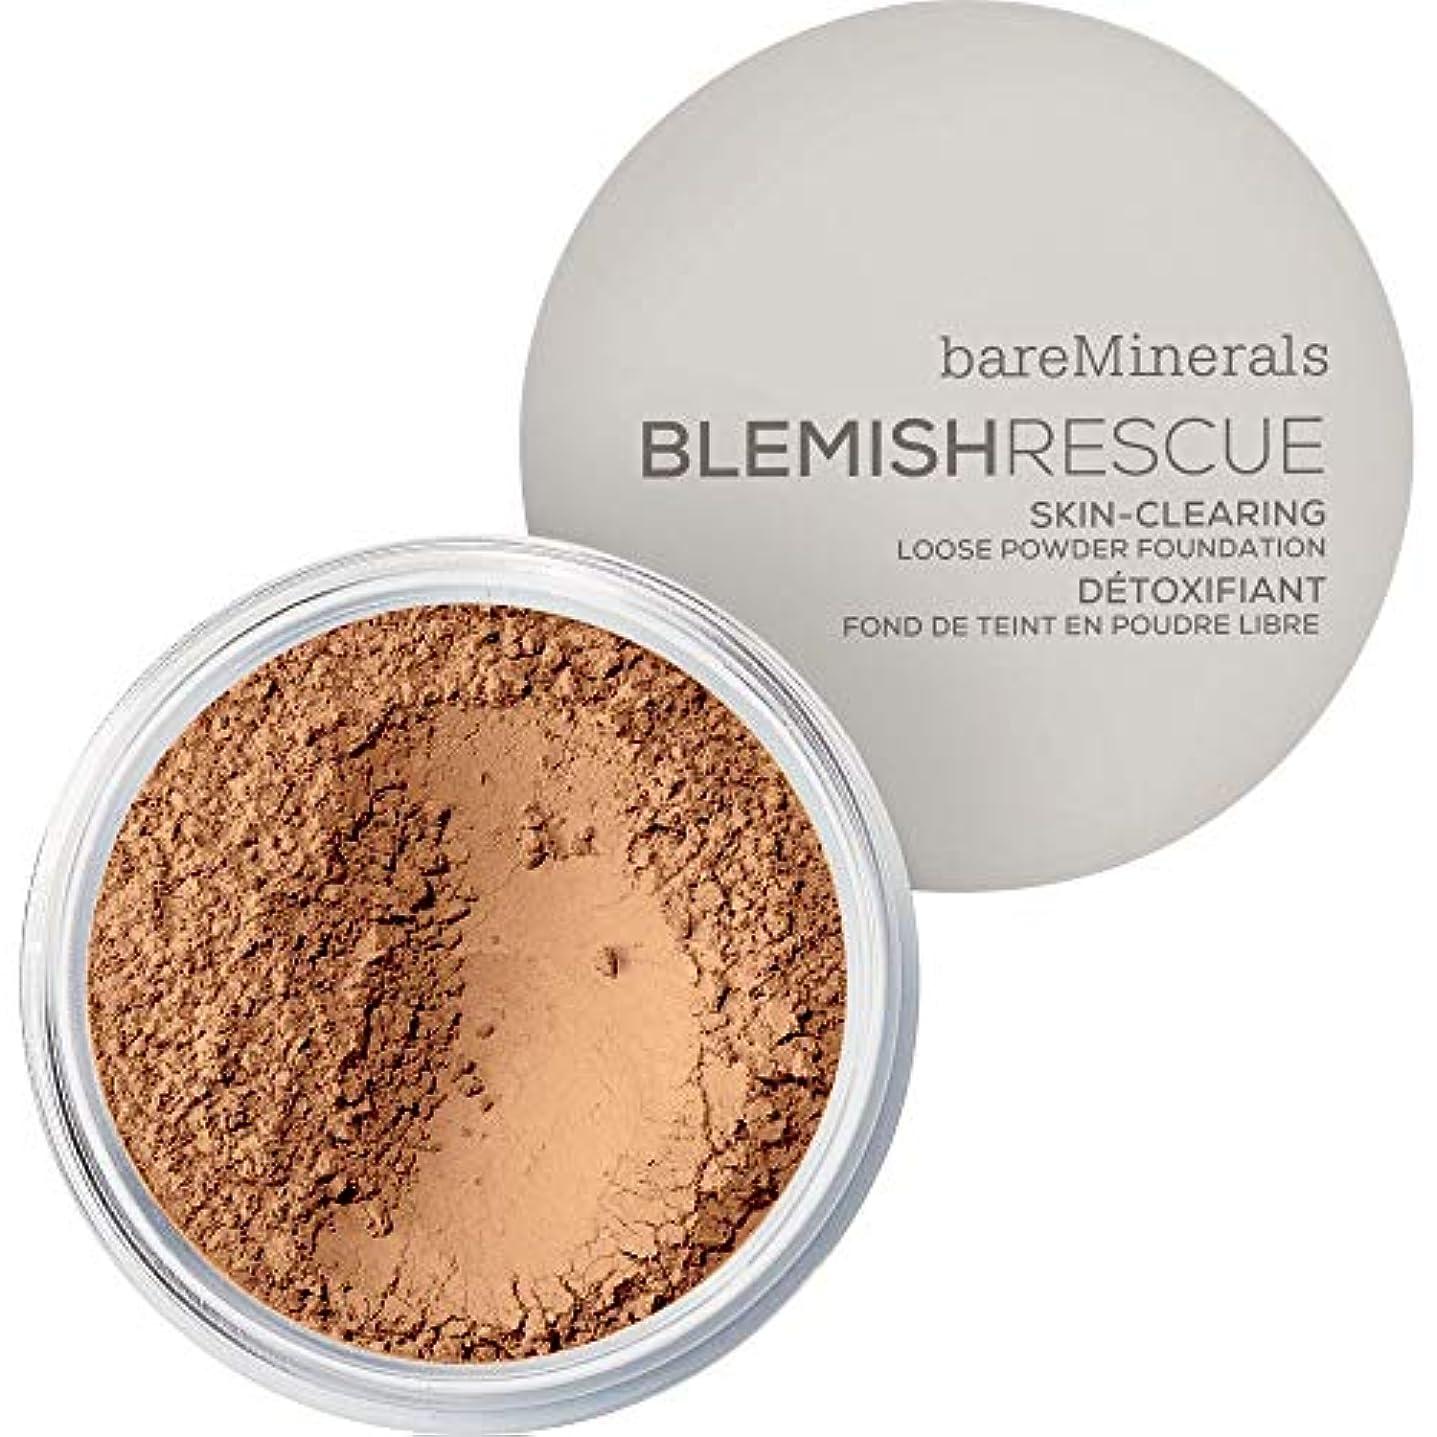 駐地不正直トムオードリース[bareMinerals ] ベアミネラル傷レスキュースキンクリア緩いパウダーファンデーションの6グラムの4N - 中立たん - bareMinerals Blemish Rescue Skin-Clearing Loose Powder Foundation 6g 4N - Neutral Tan [並行輸入品]